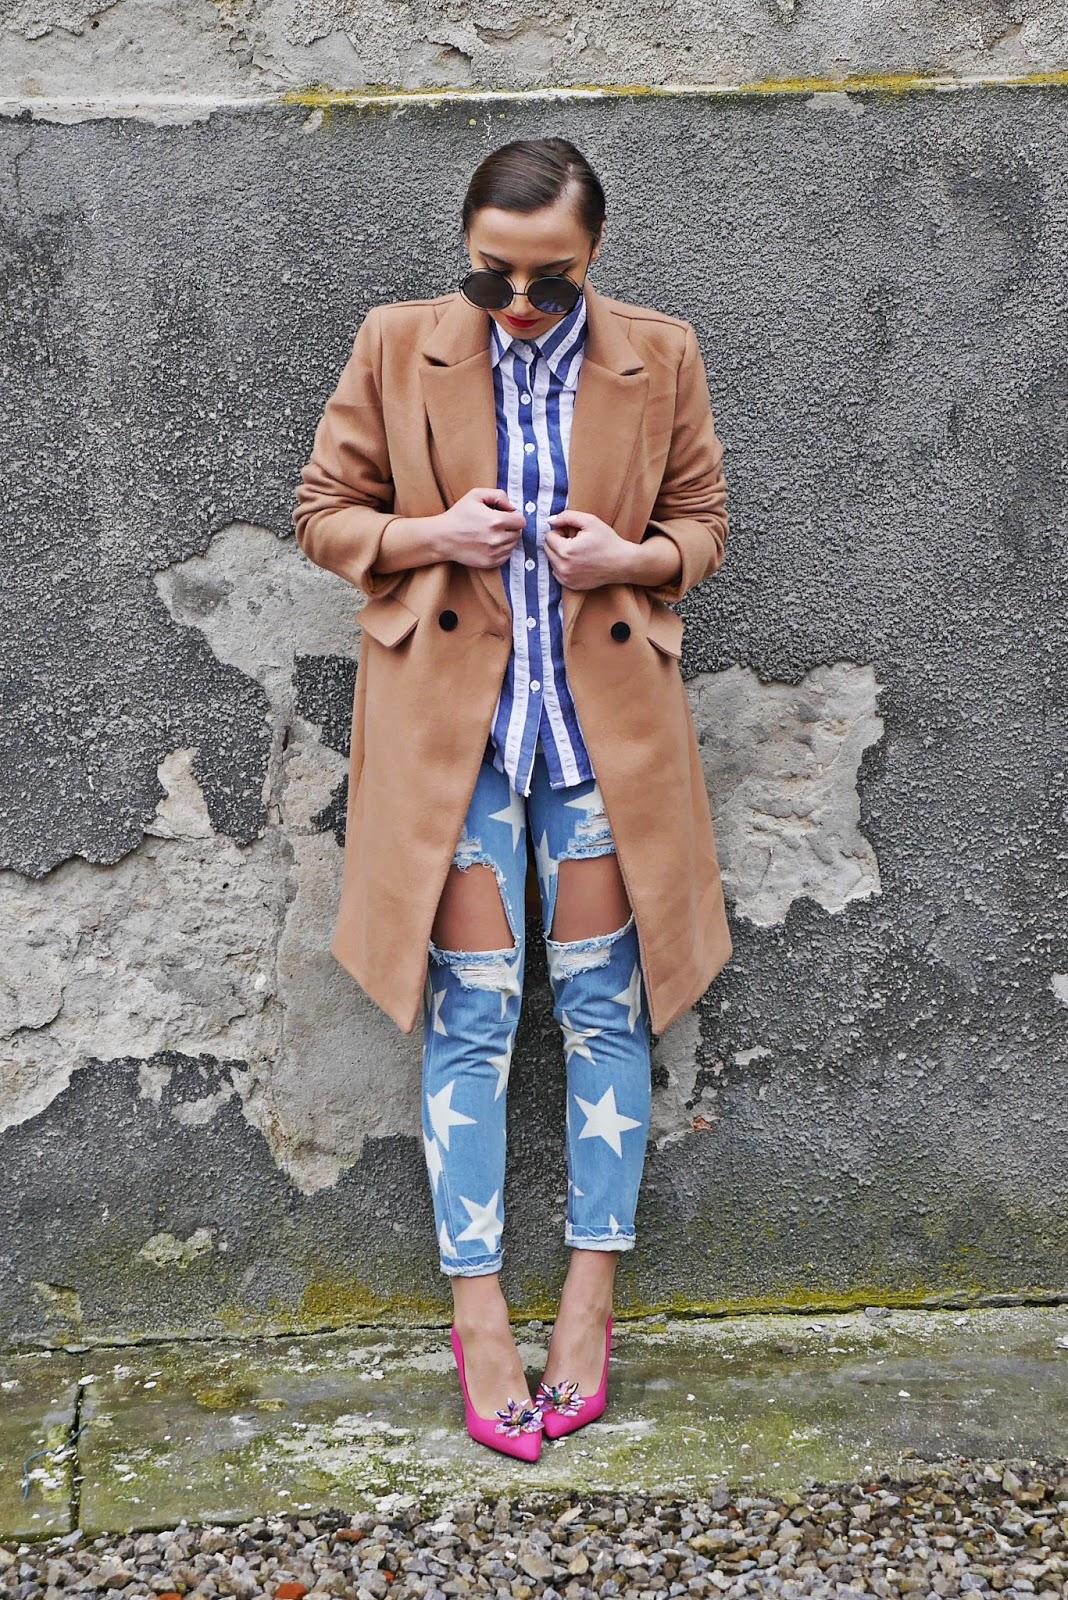 szpilki różowe renee beżowy płaszcz jeansy gwiazdki koszula paski karyn blog modowy